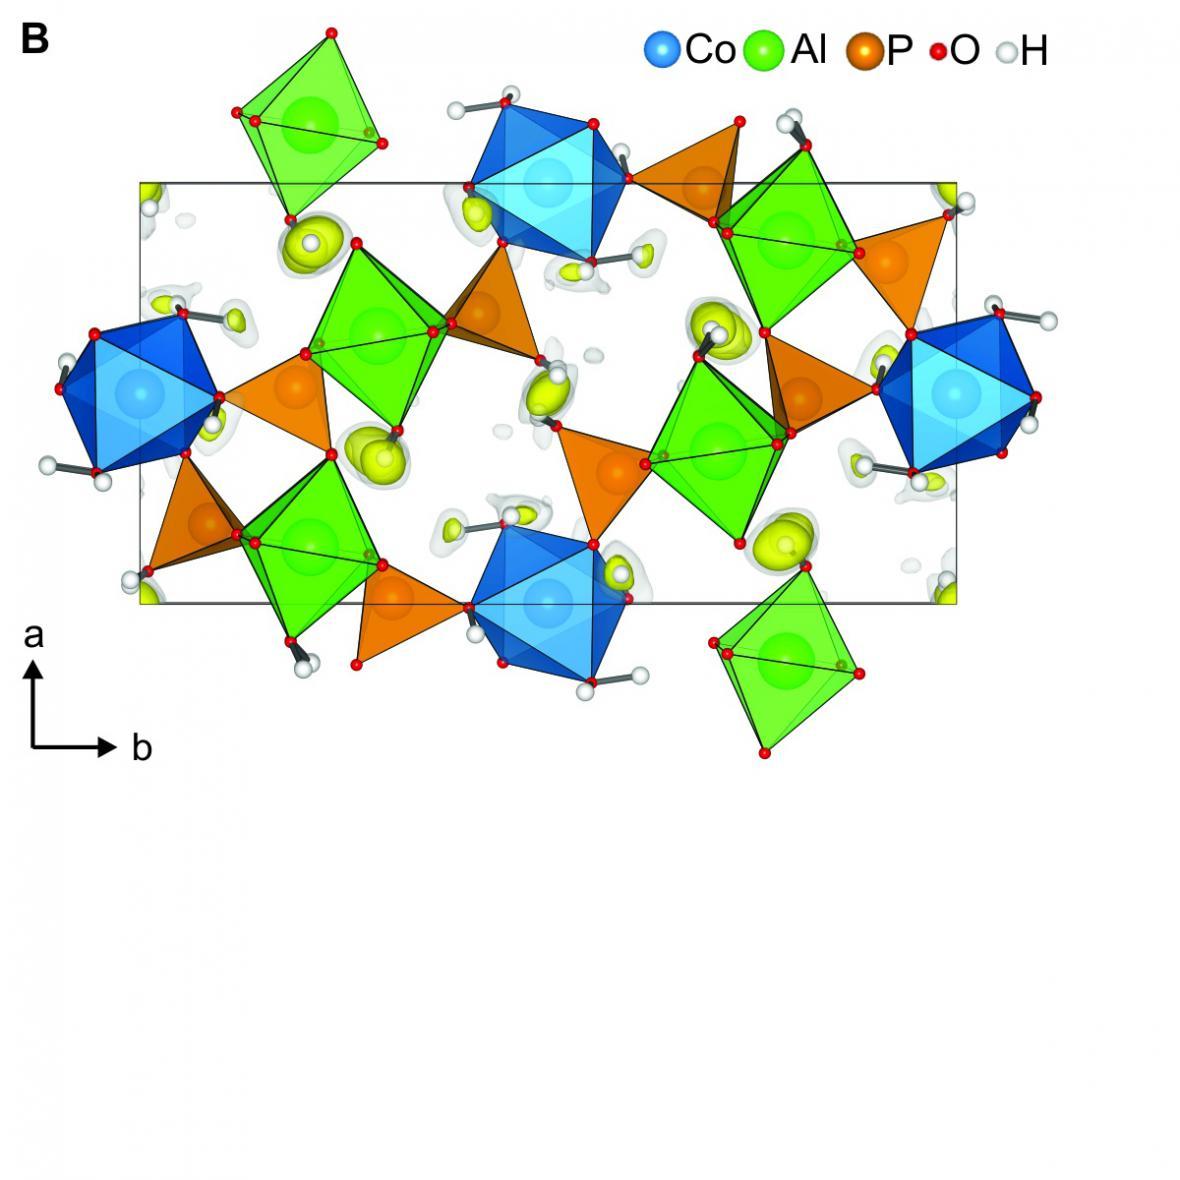 Struktura formy hydratovaného hlinitofosforečnanu kobaltnatého s diferenčním elektrostatickým potenciálem znázorněným pomocí šedých a žlutých isopovrchů